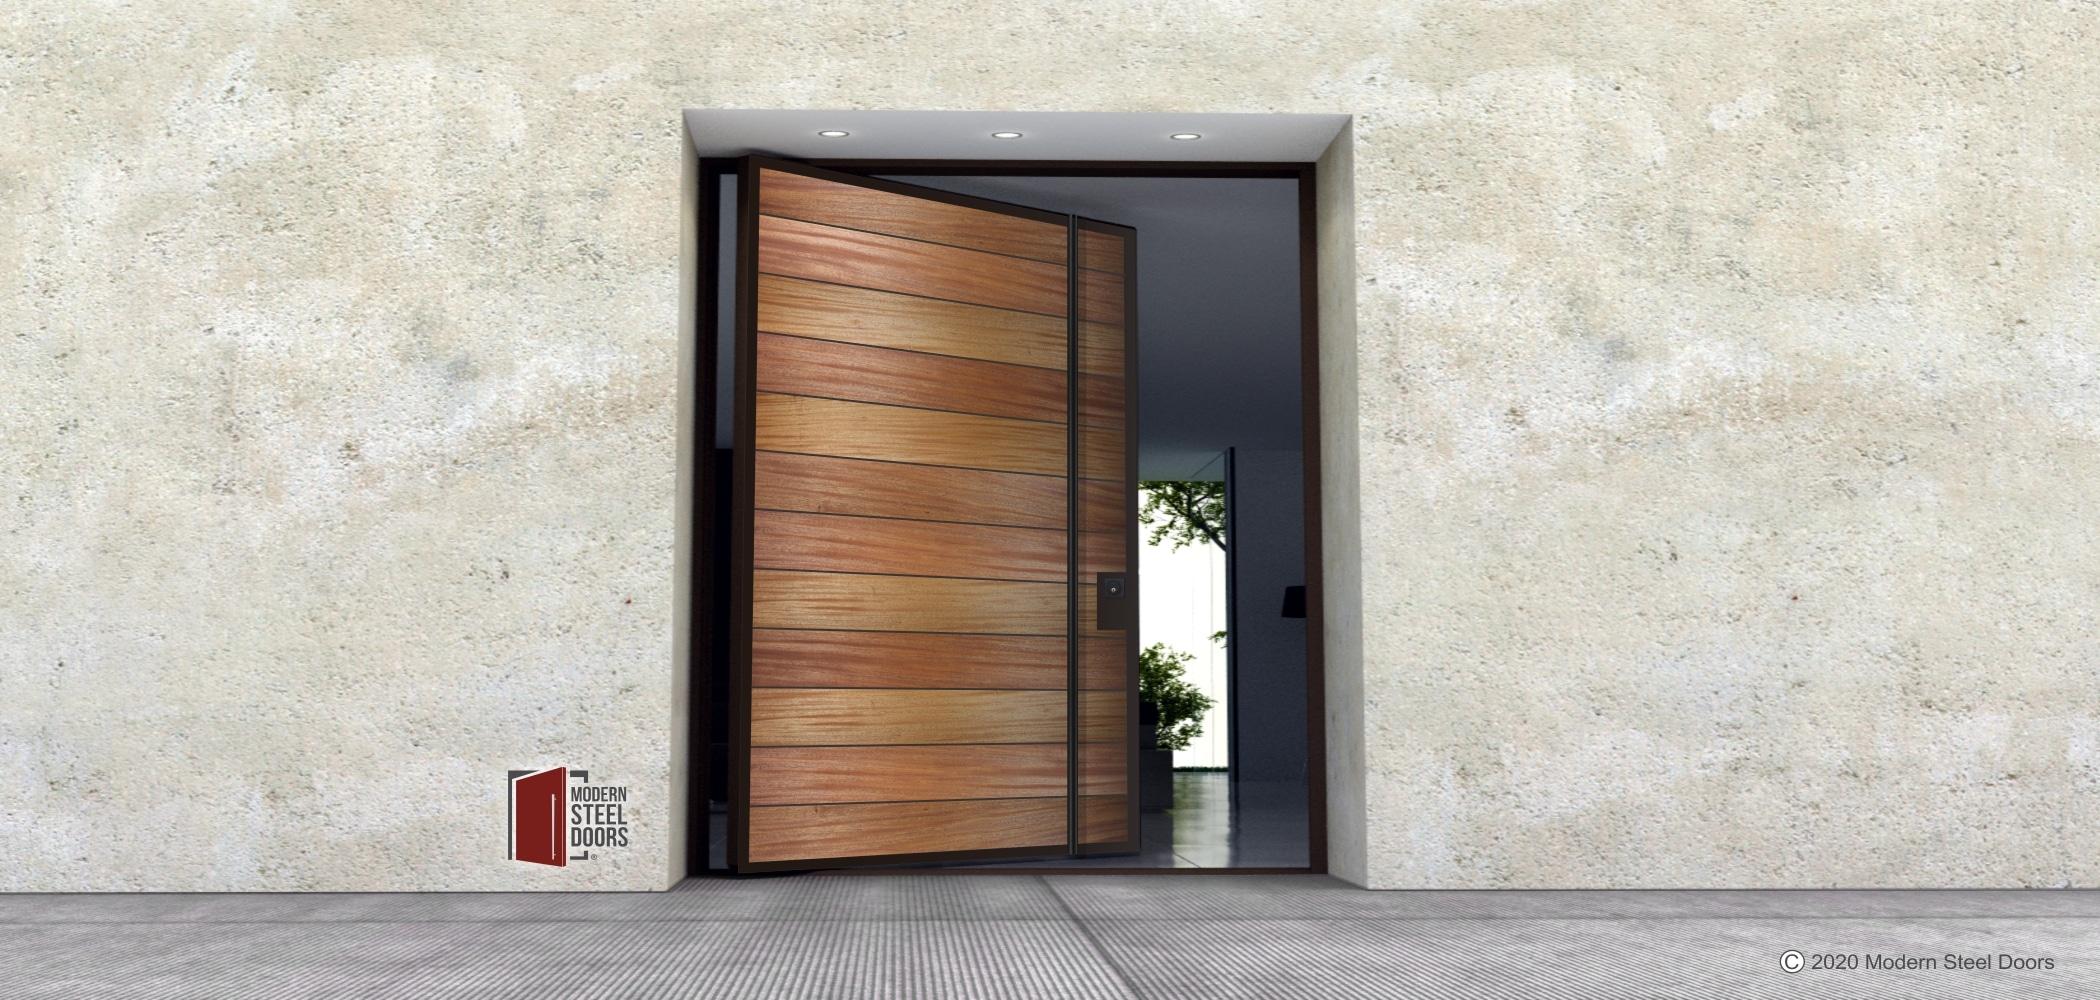 METAL FRAMED WOOD DOOR.